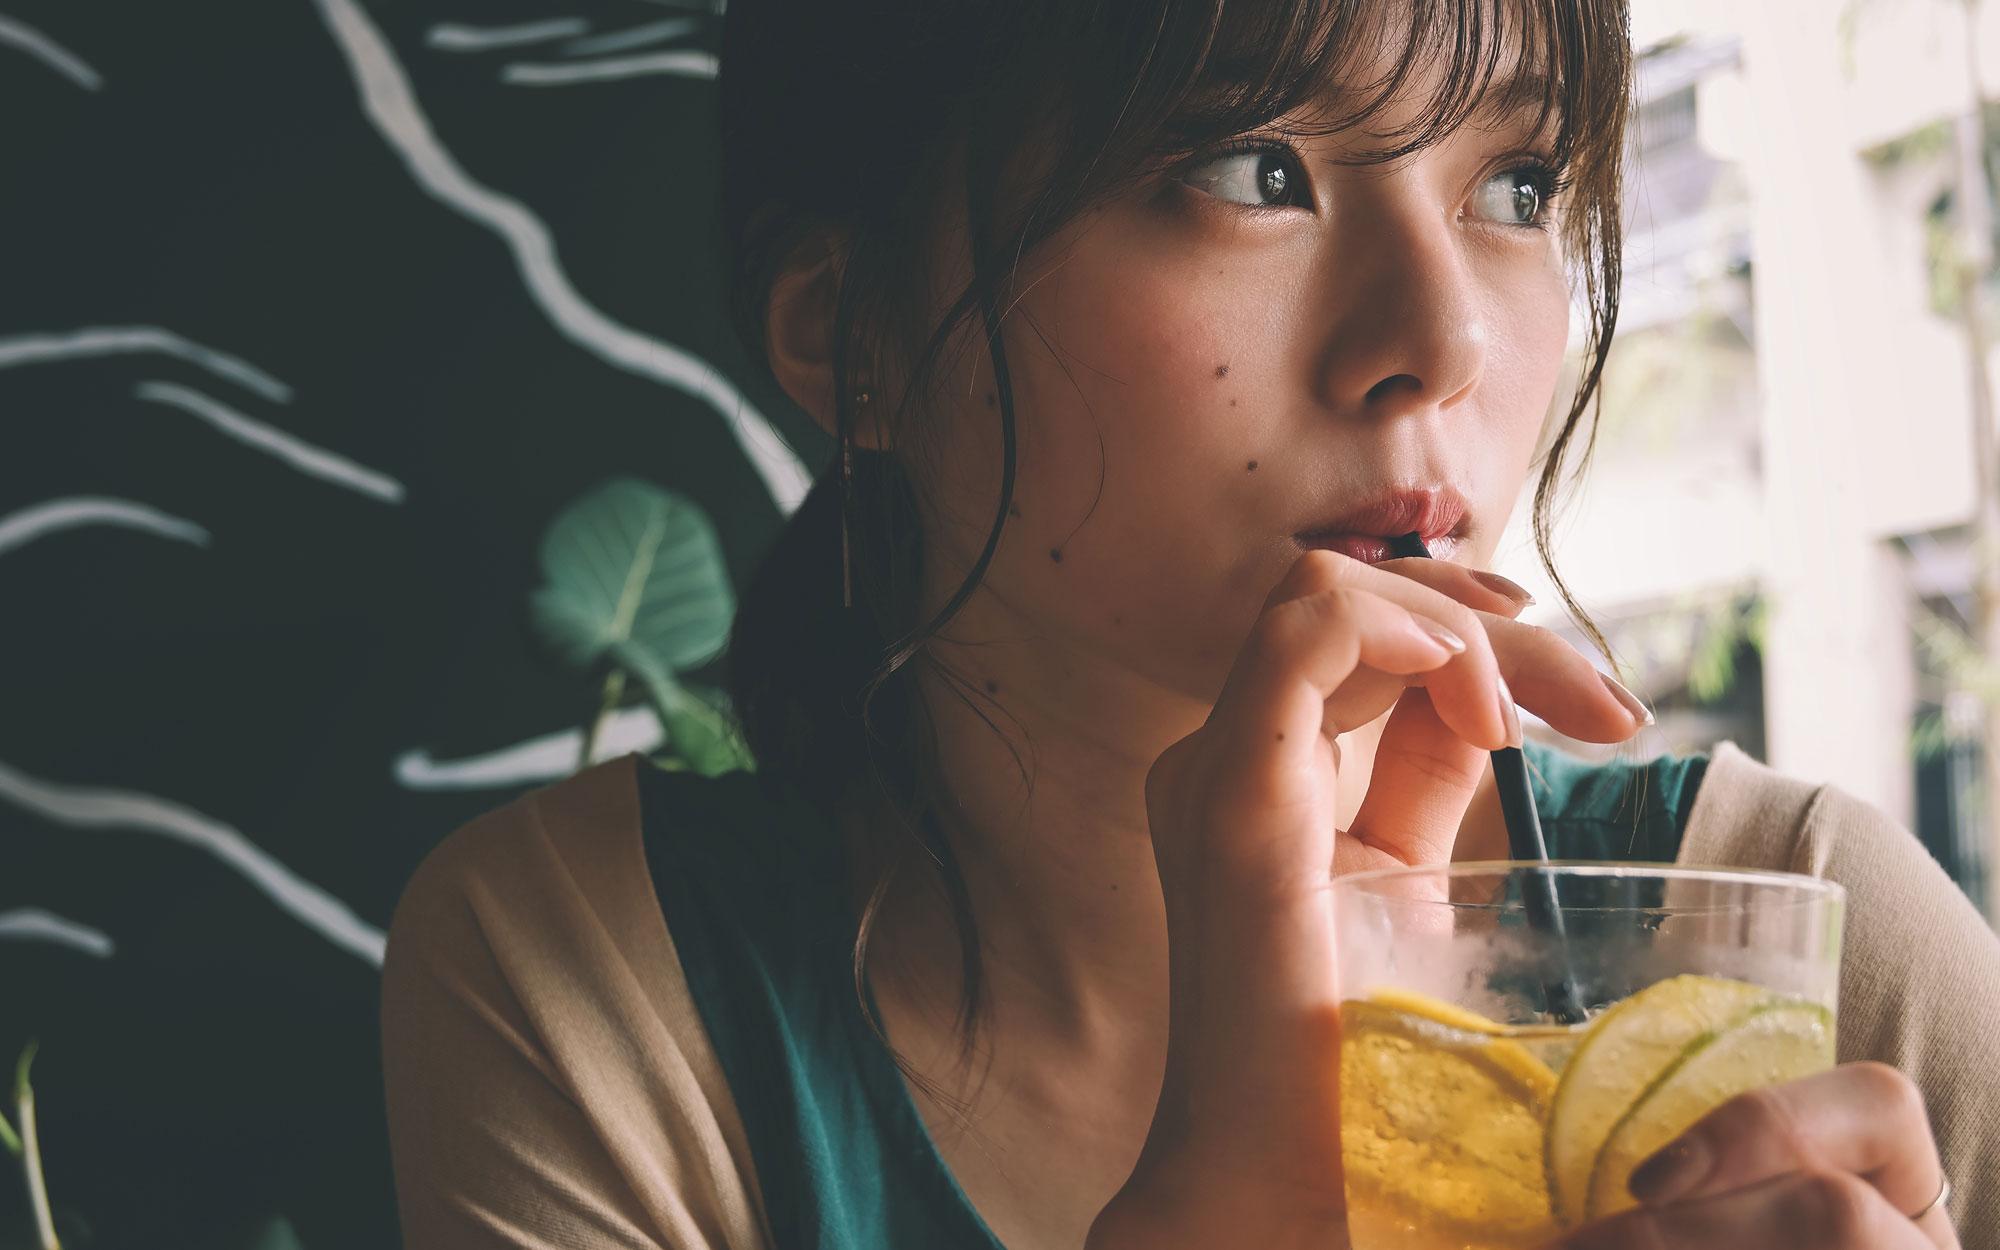 Z 50 ve NIKKOR Z DX 16-50mm f / 3.5-6.3 VR lens ile çekilmiş, bardağın içinden kamışla içen bir kadının fotoğrafı